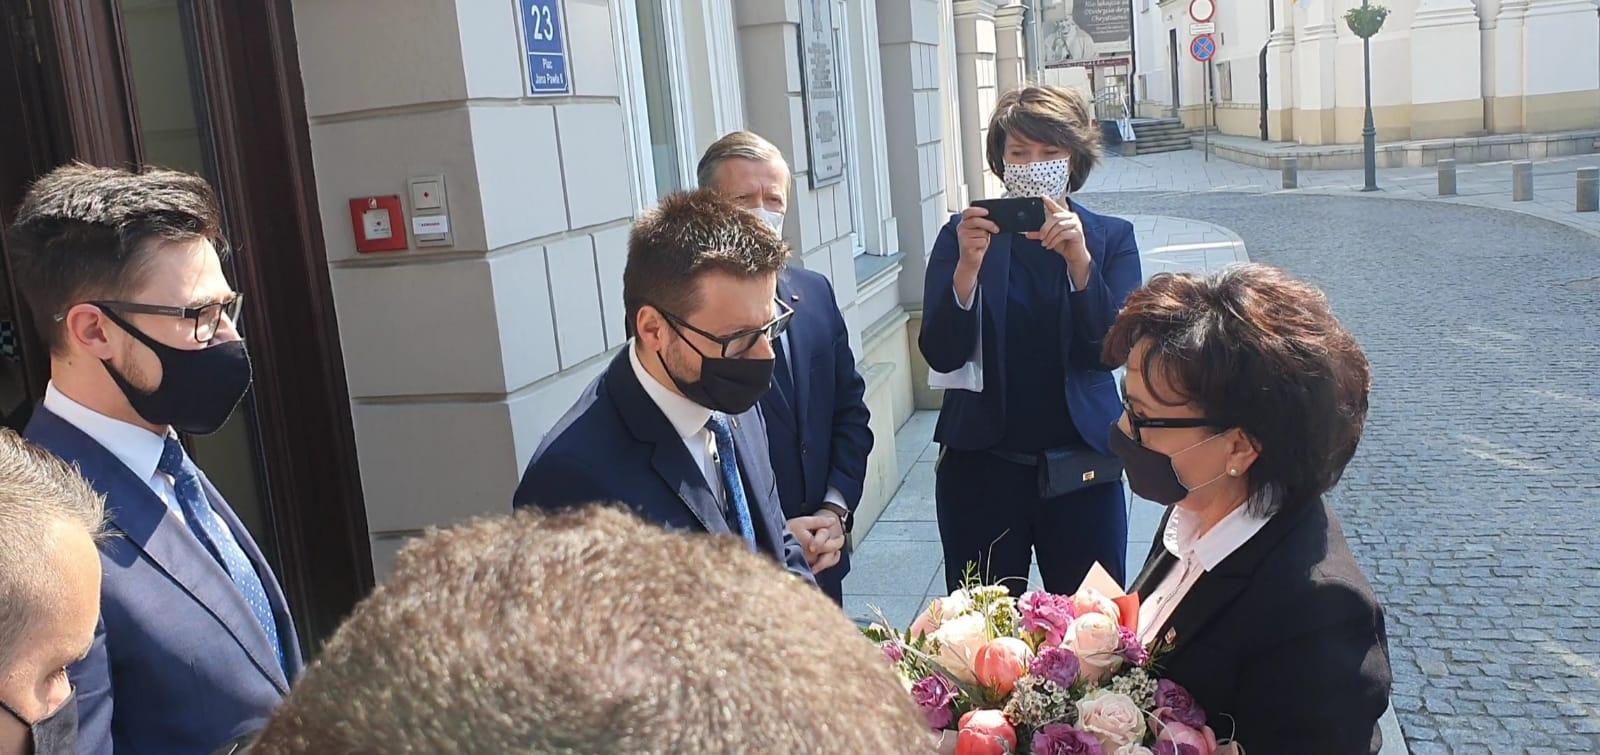 Niedzielne obchody setnej rocznicy urodzin Jana Pawła II. Prezydent nie przyjechał [FOTO] [AKTUALIZACJA]